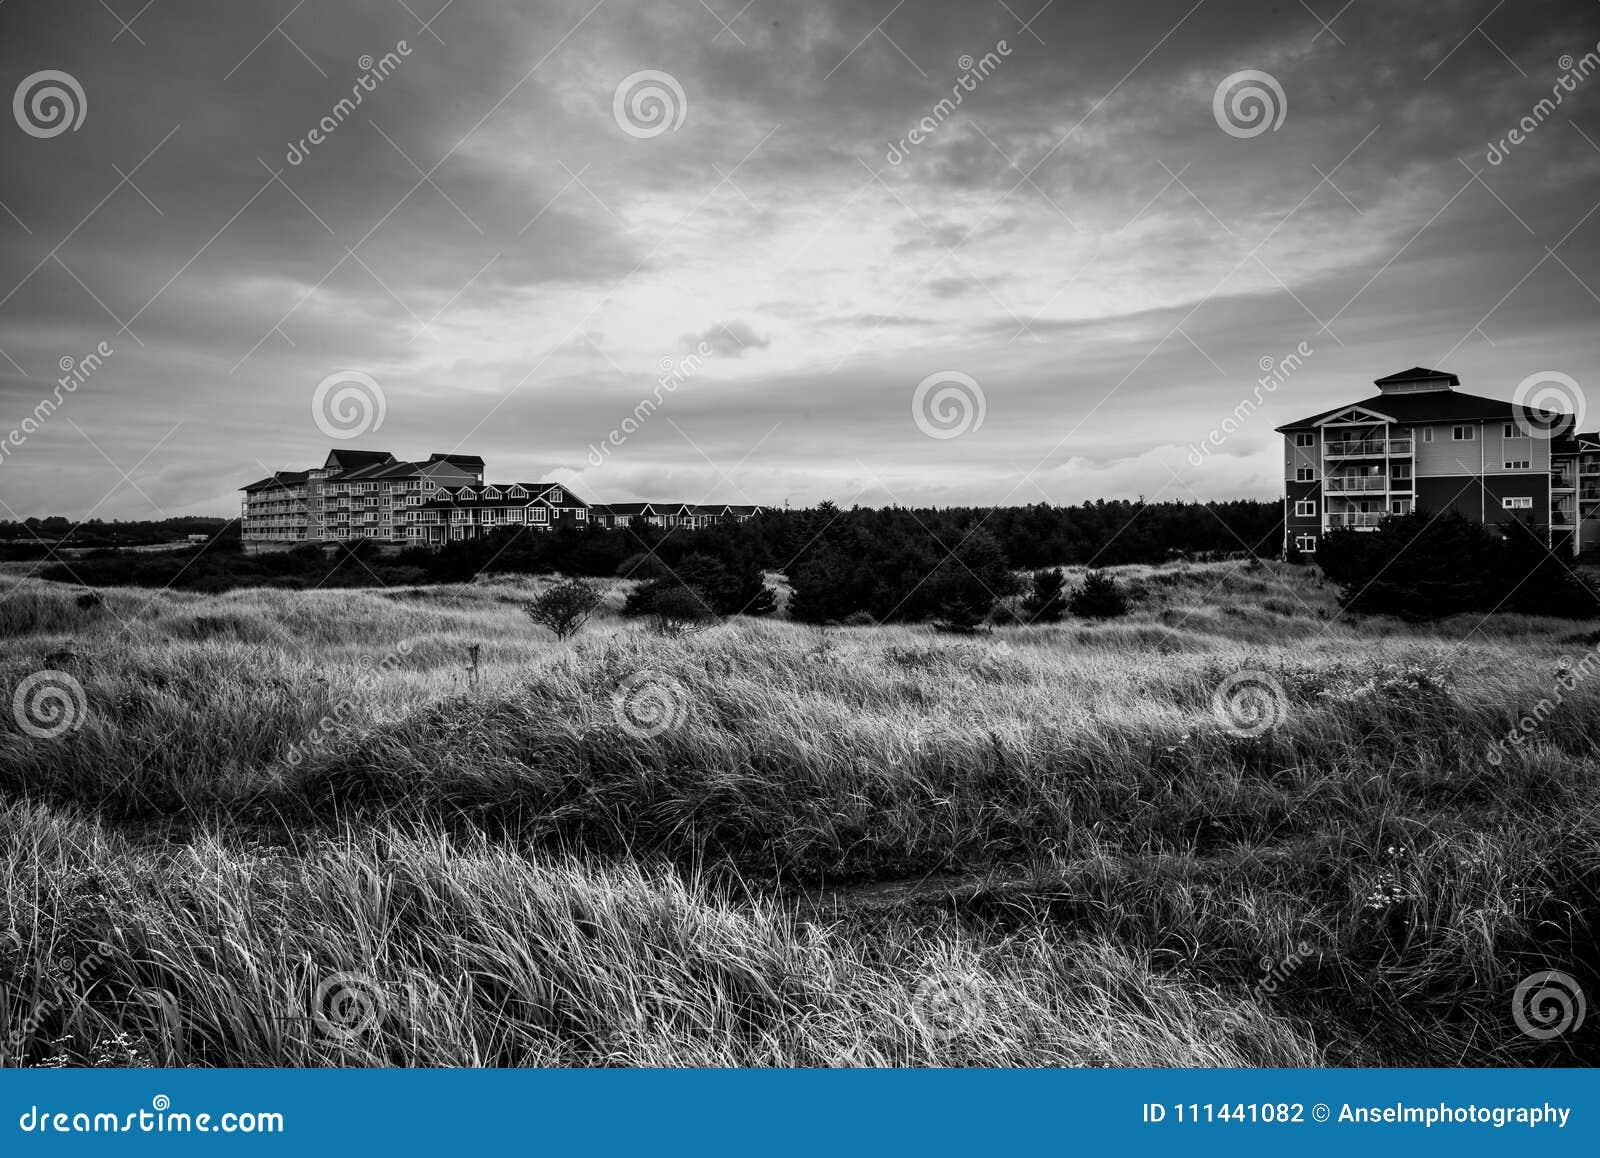 Een Eenzaam Gebouw op de Horizon achter een Groot Gebied van Lang Gras in het Onweer in Long Beach Washington in Zwart-wit